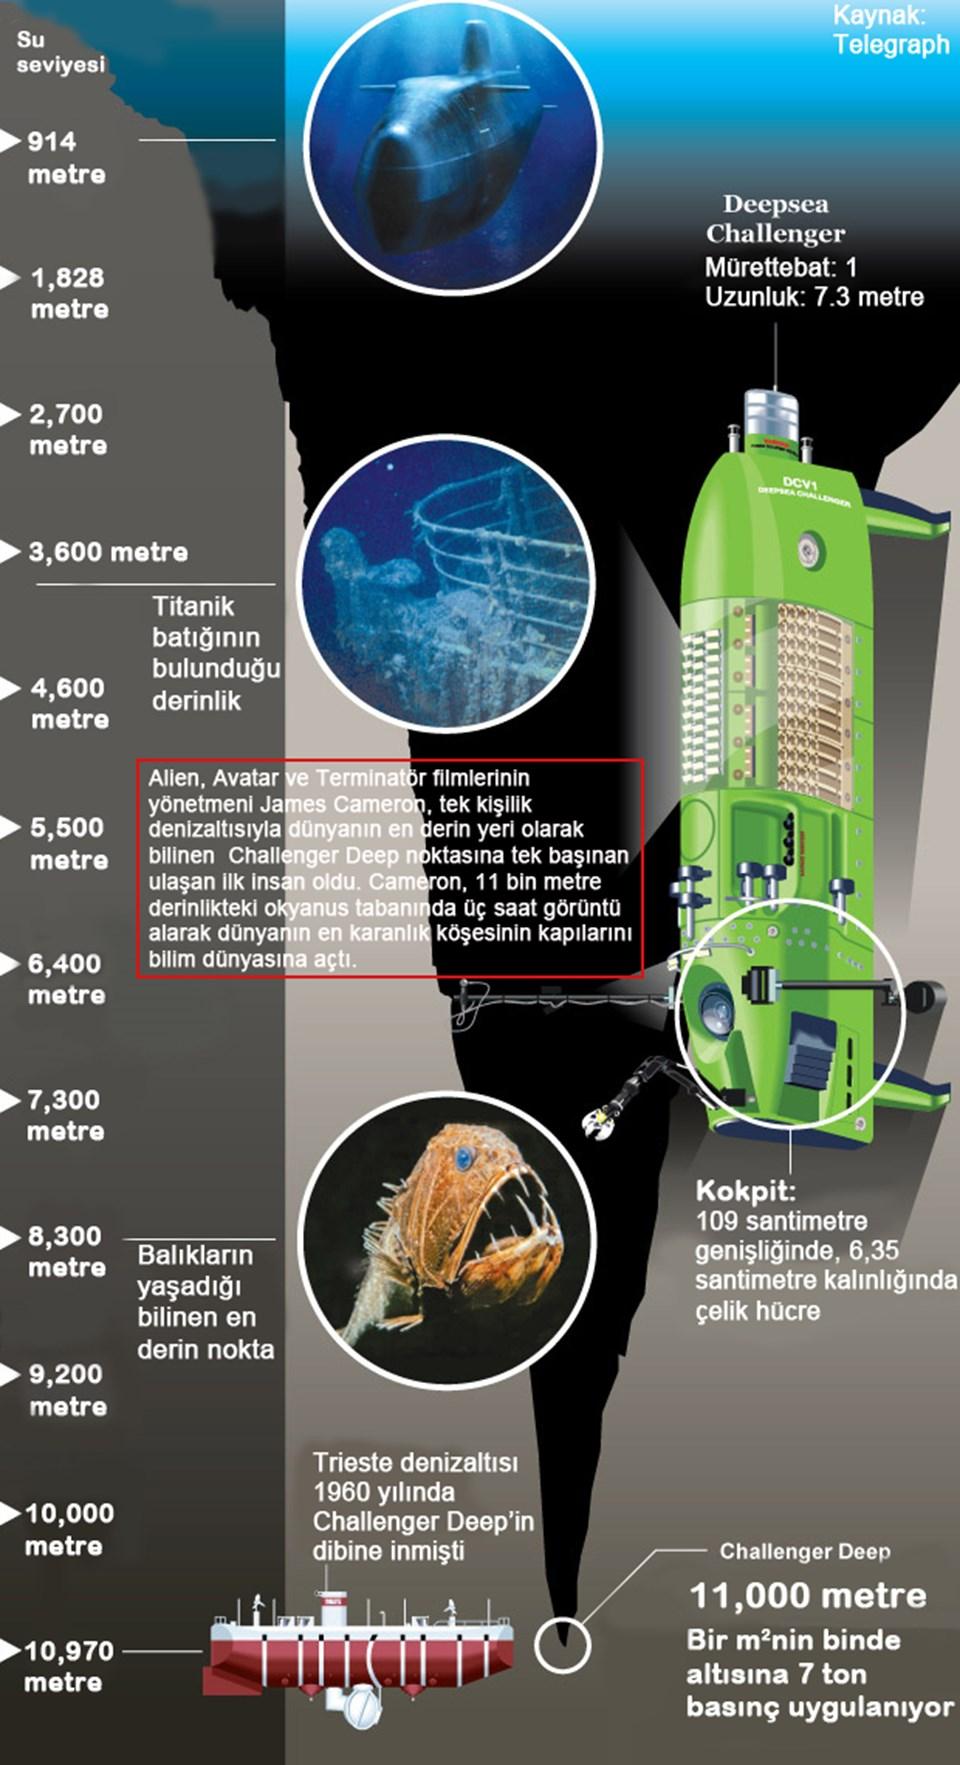 dunyanin-endibi-mariana-cukuru-bakteri-kayniyor